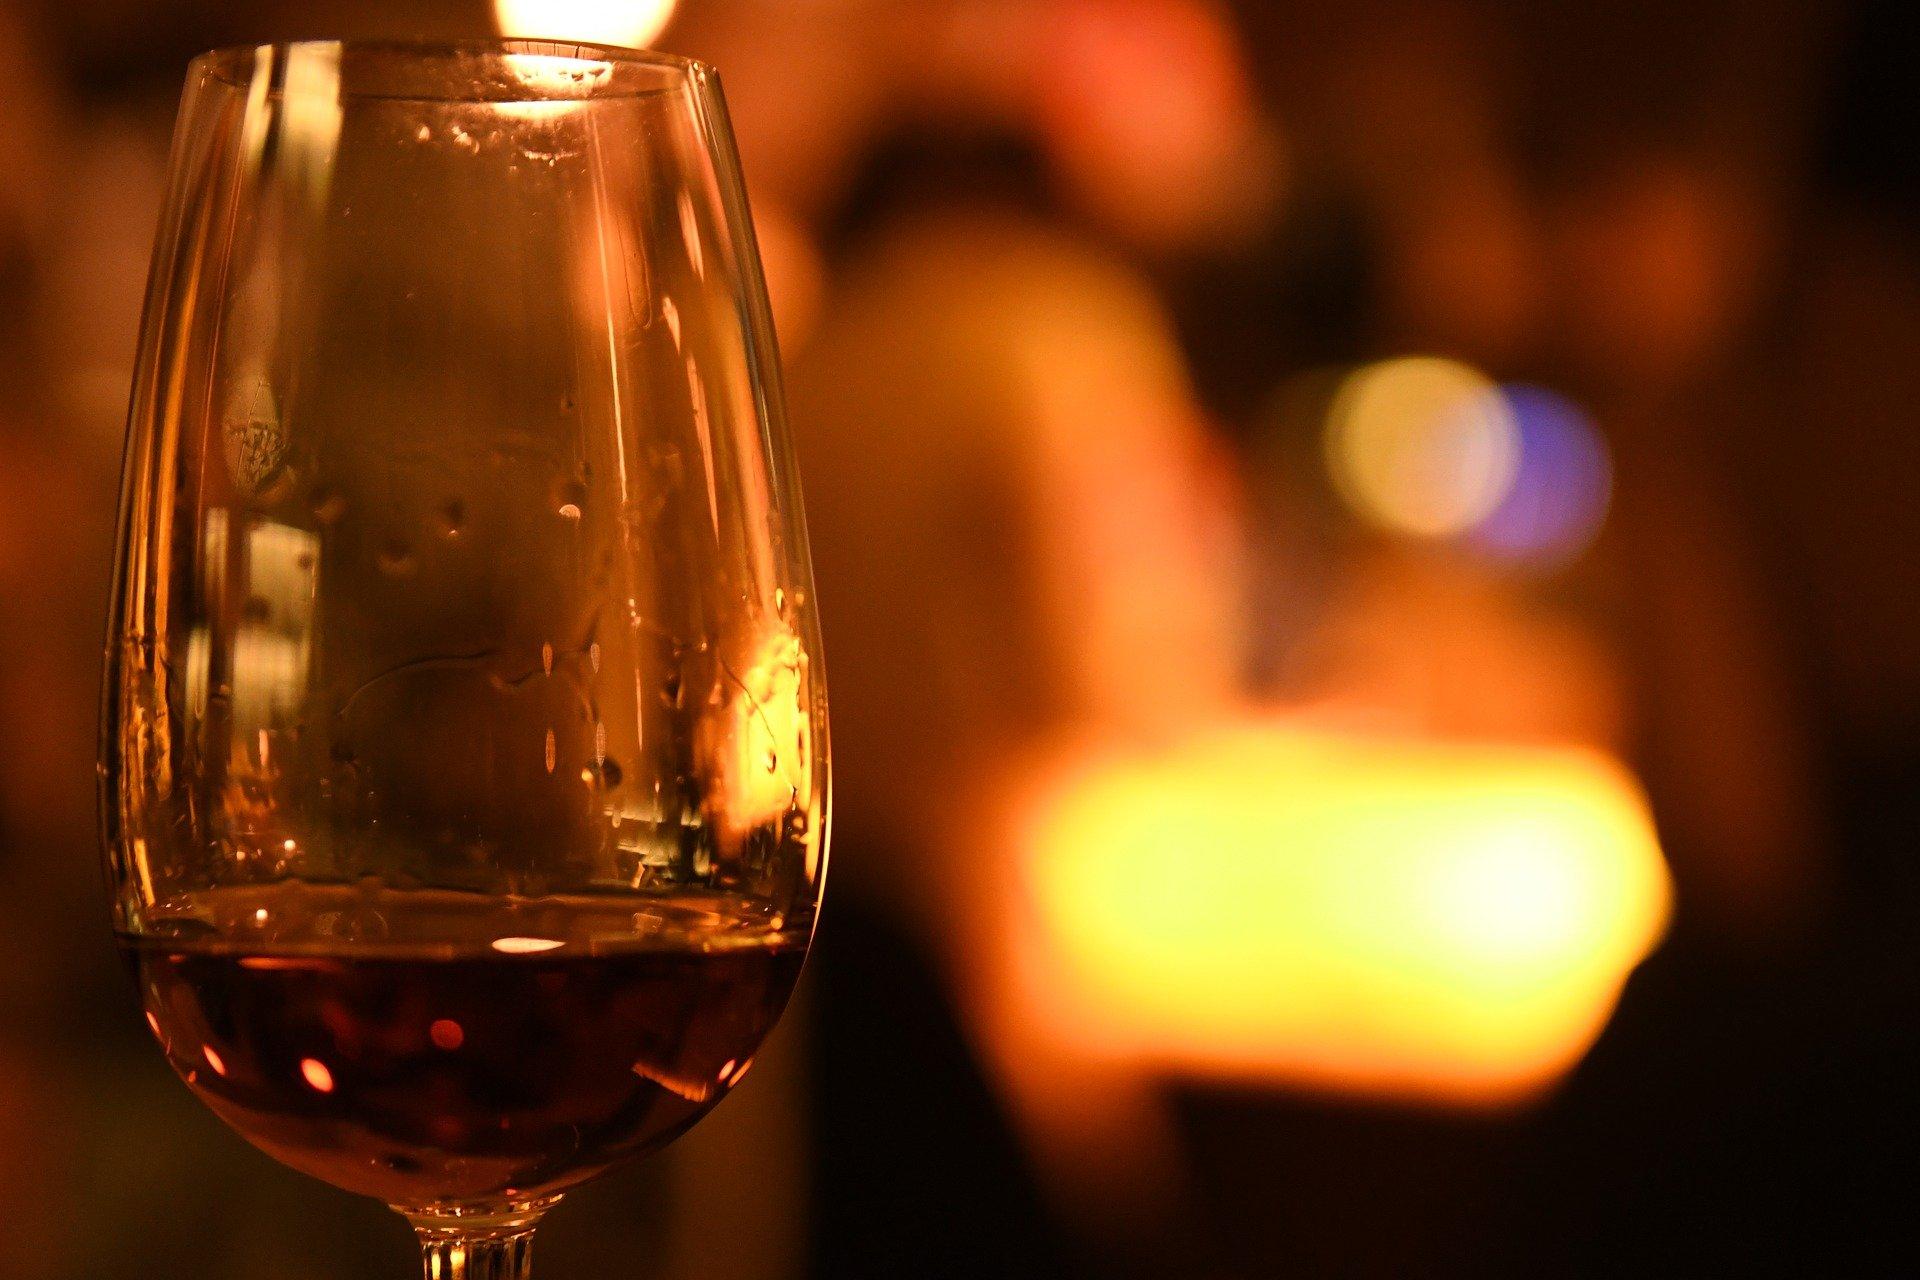 Brauner Rum reift mehrere Jahre lang in Holzfässern, für die tiefbraune Farbe